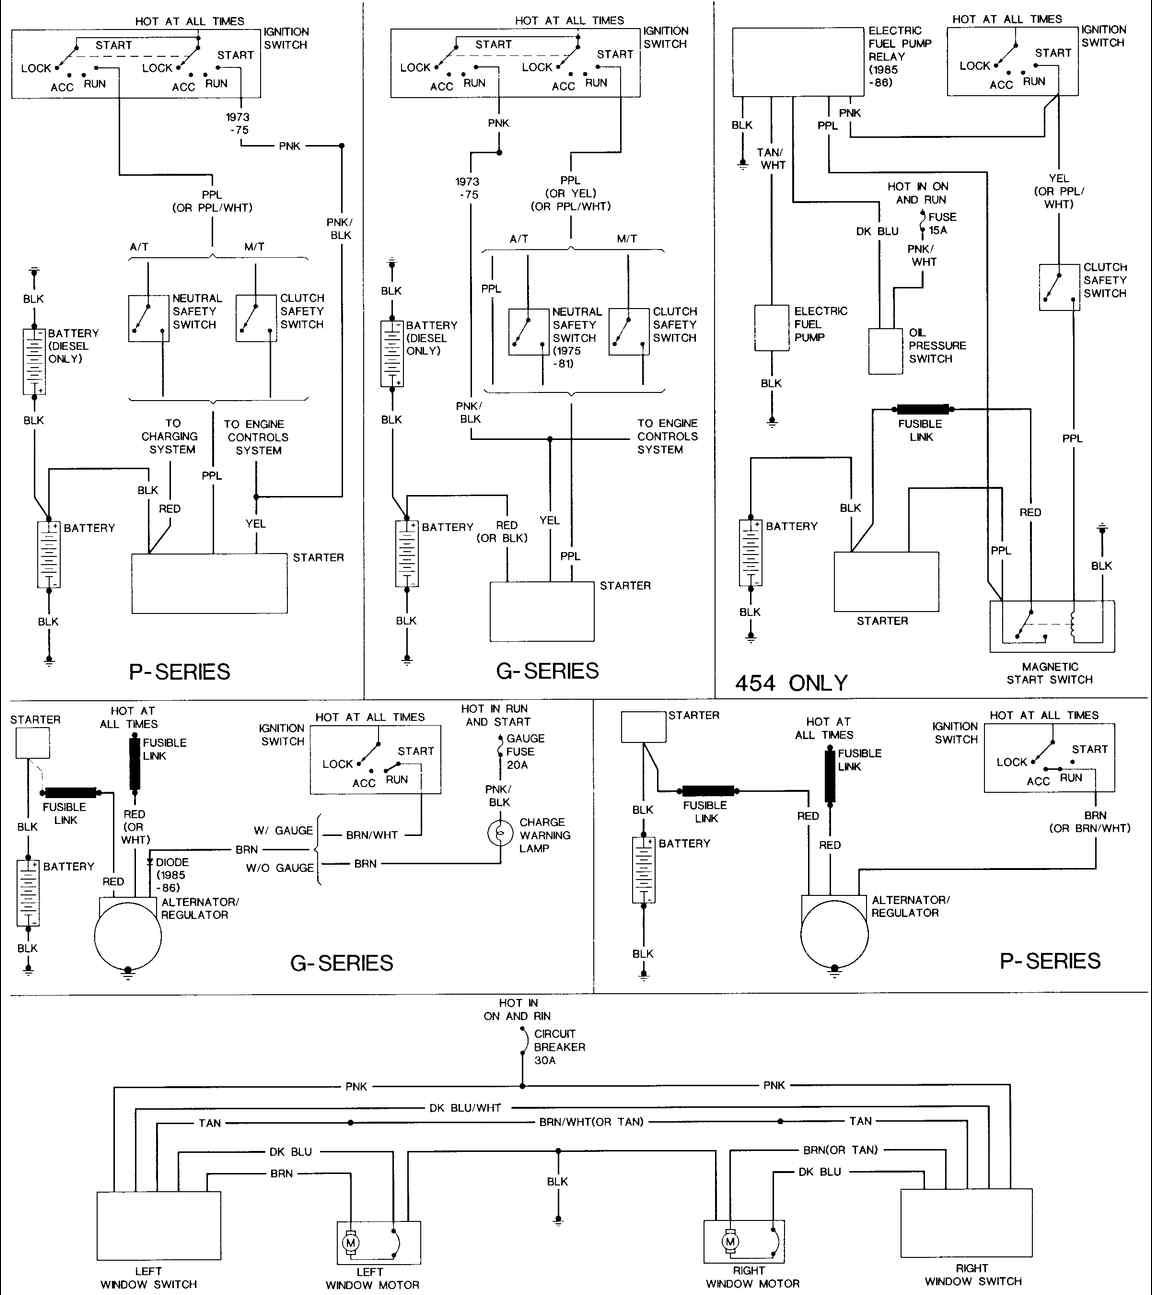 [SODI_2457]   AV_5918] 1983 Gmc Wiring Diagram Schematic Wiring | 1983 Chevy Truck Wiring Schematic |  | Www Mohammedshrine Librar Wiring 101